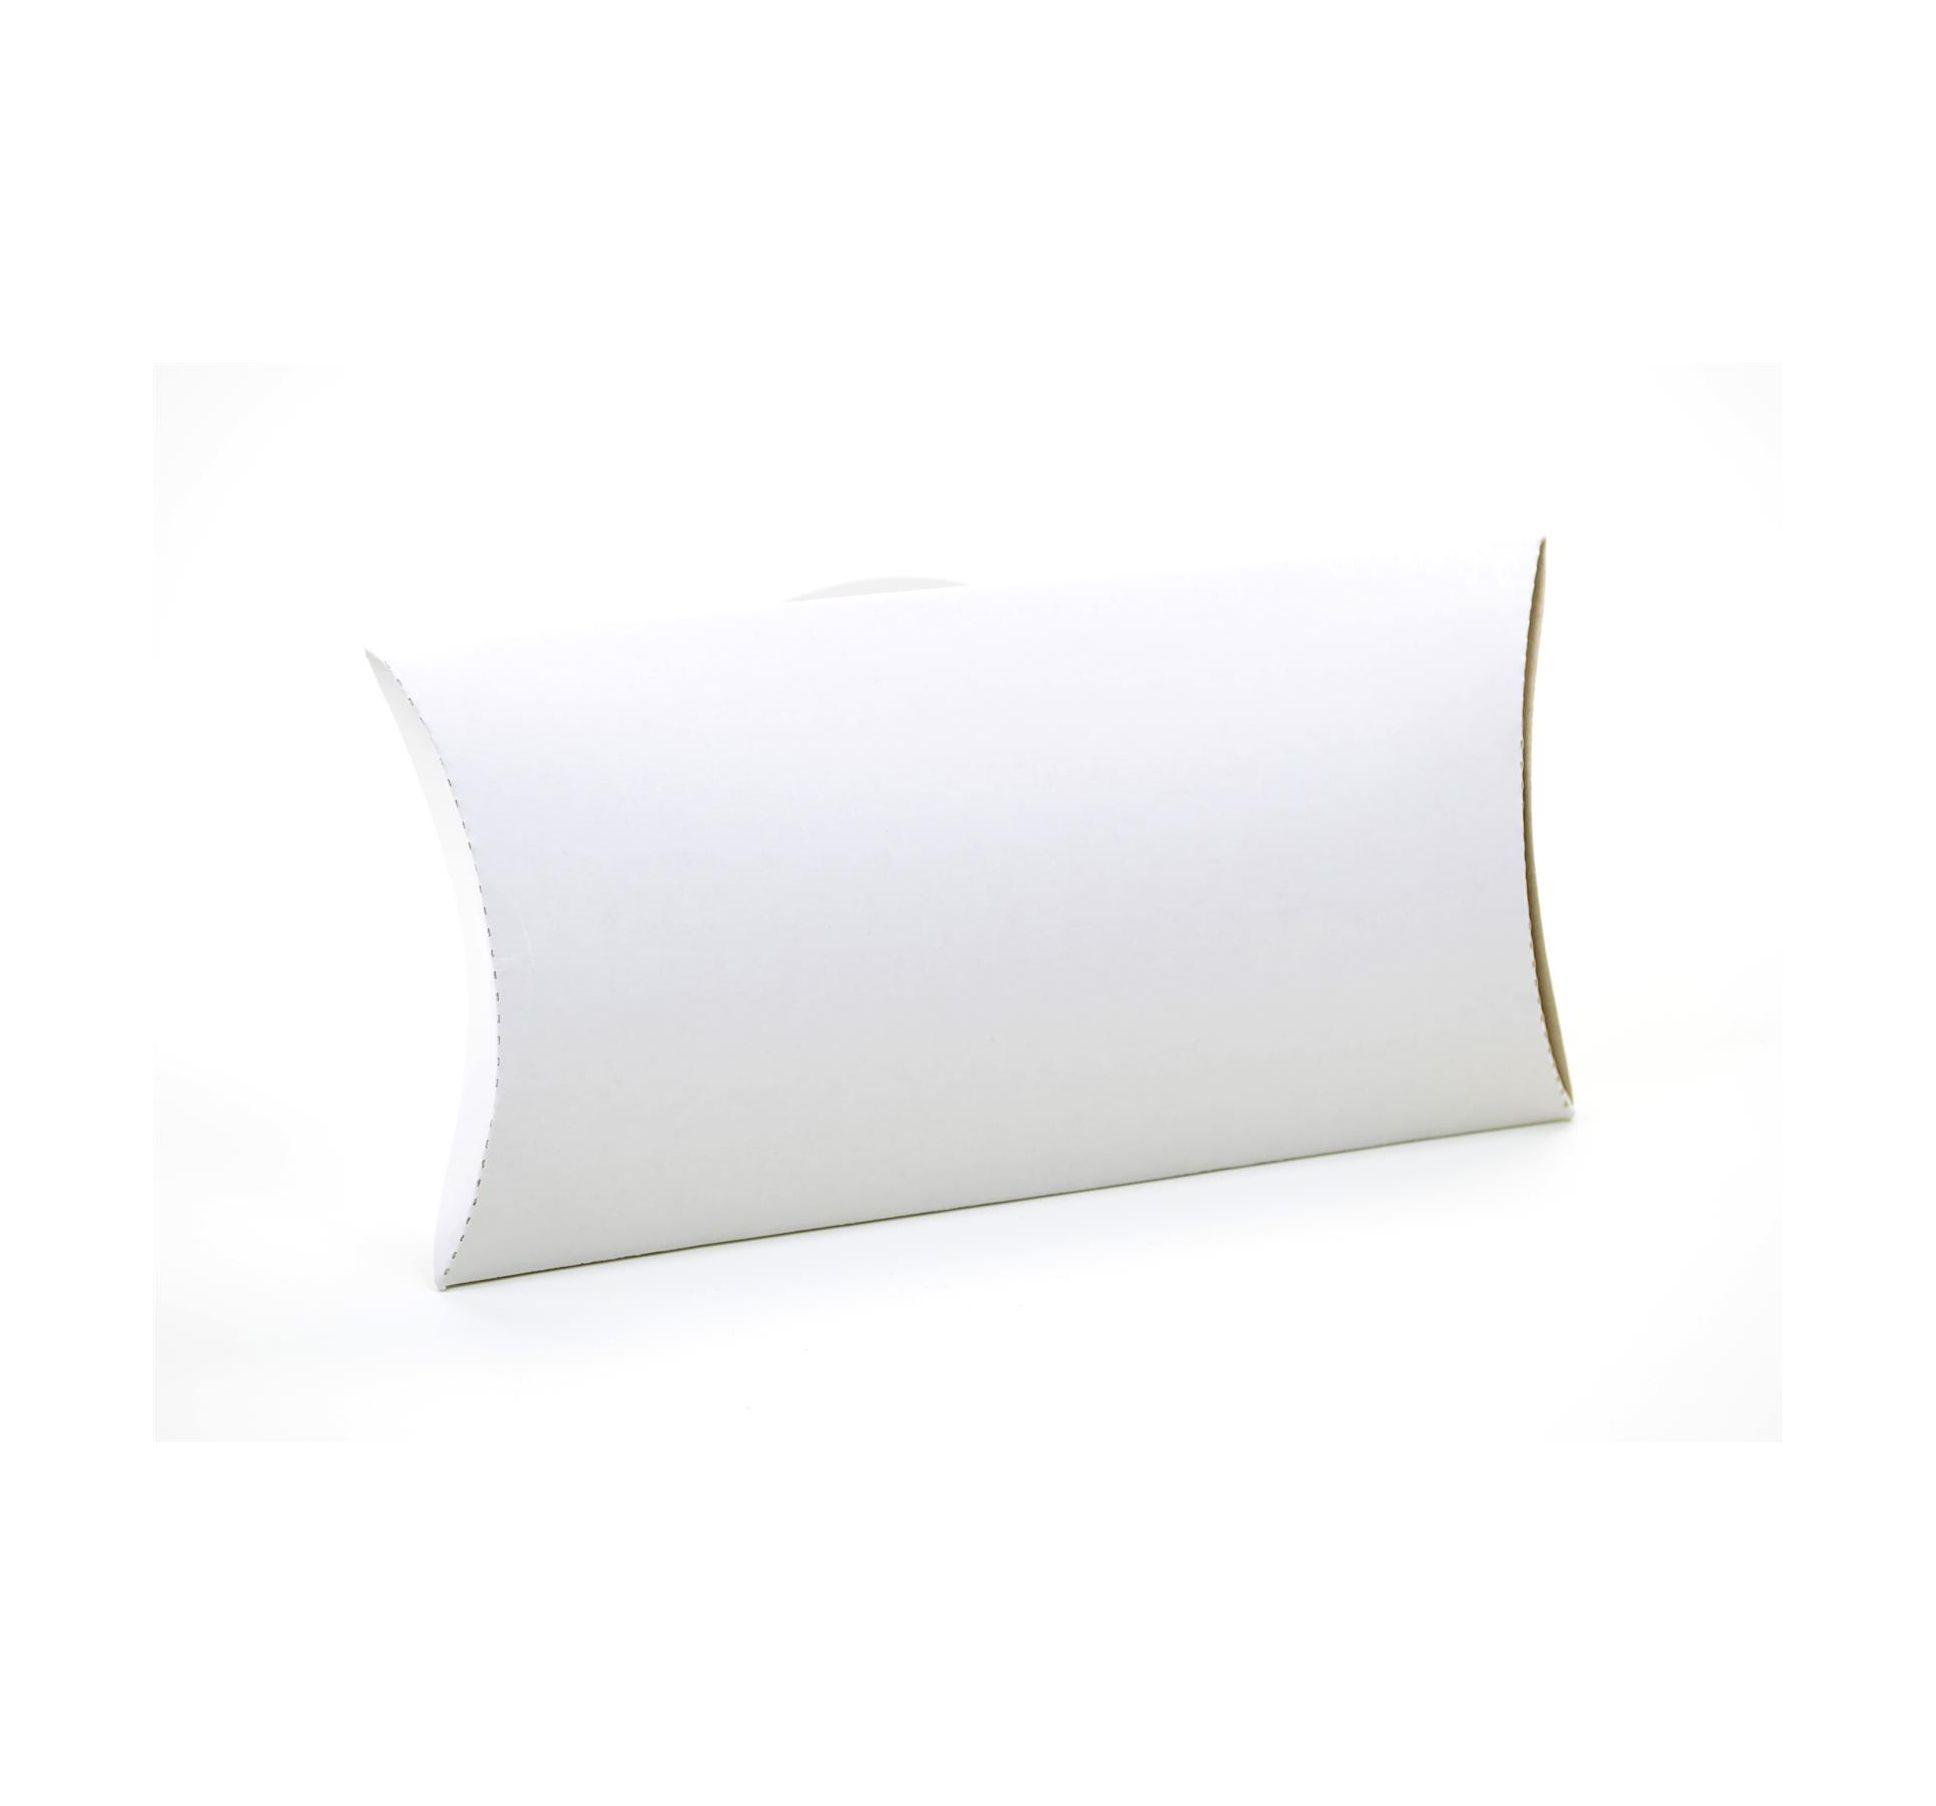 Ref 042 Branca - Bivar - 9,5x7x3 cm - c/ 10 unidades